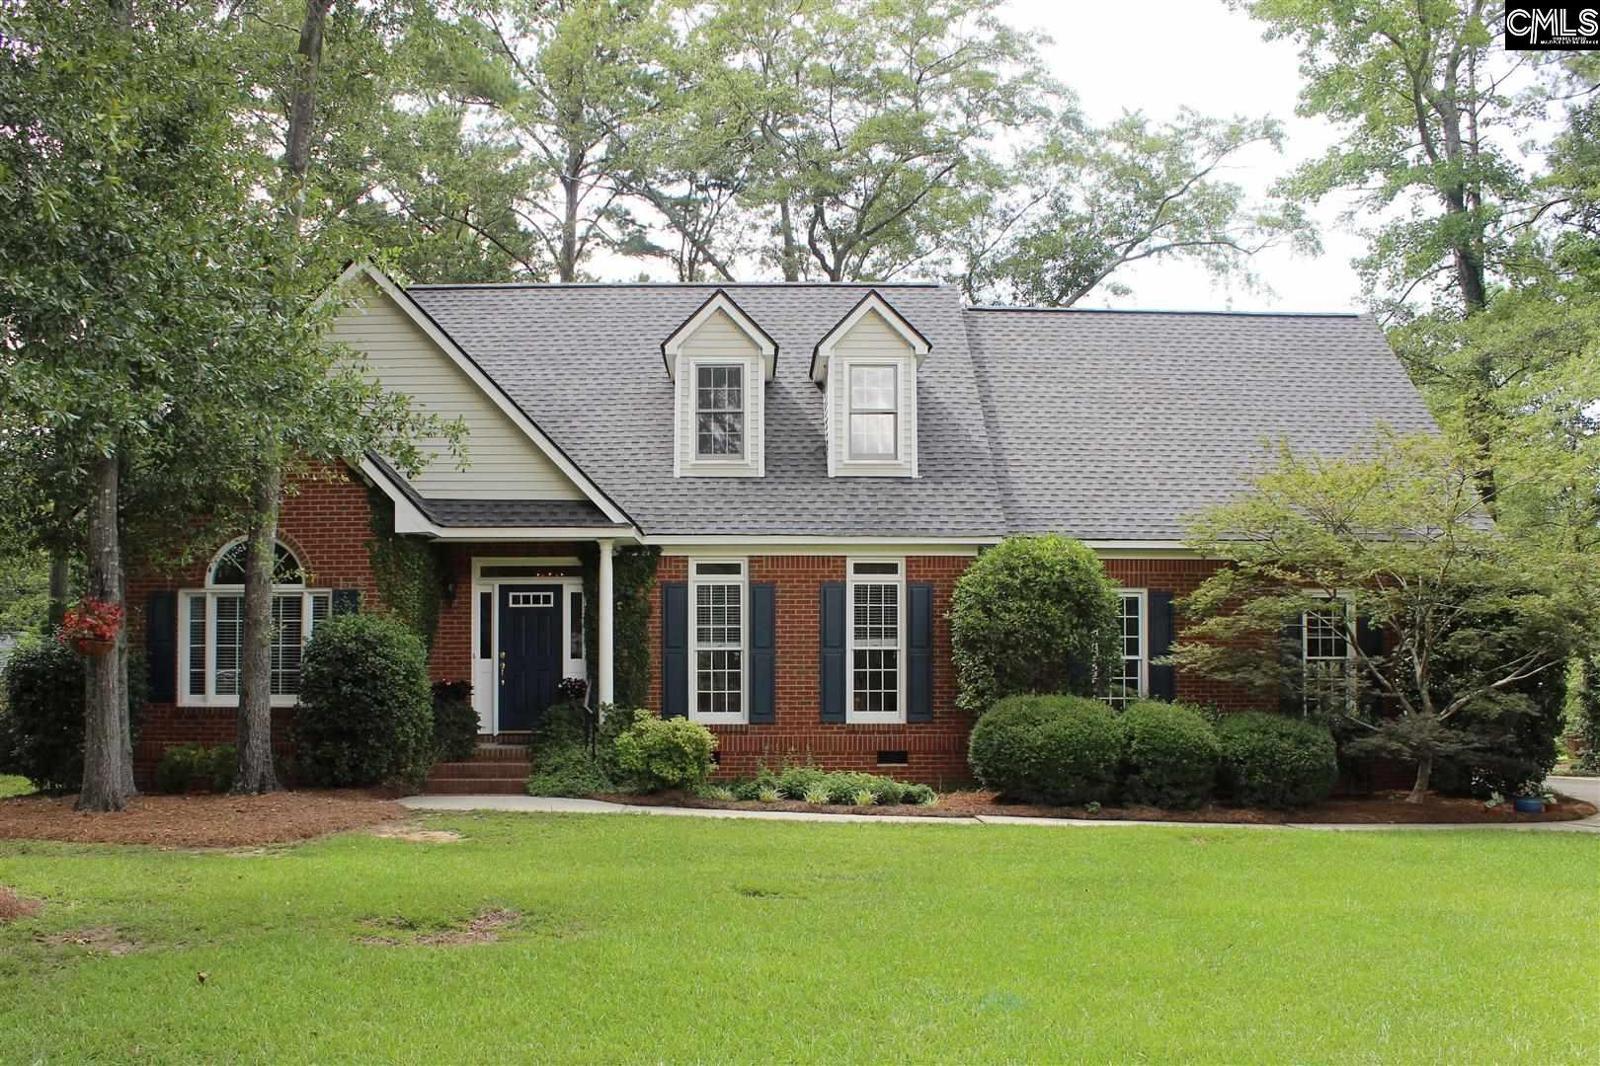 109 secret cove dr lexington sc mls 435250 era for Lexington sc home builders